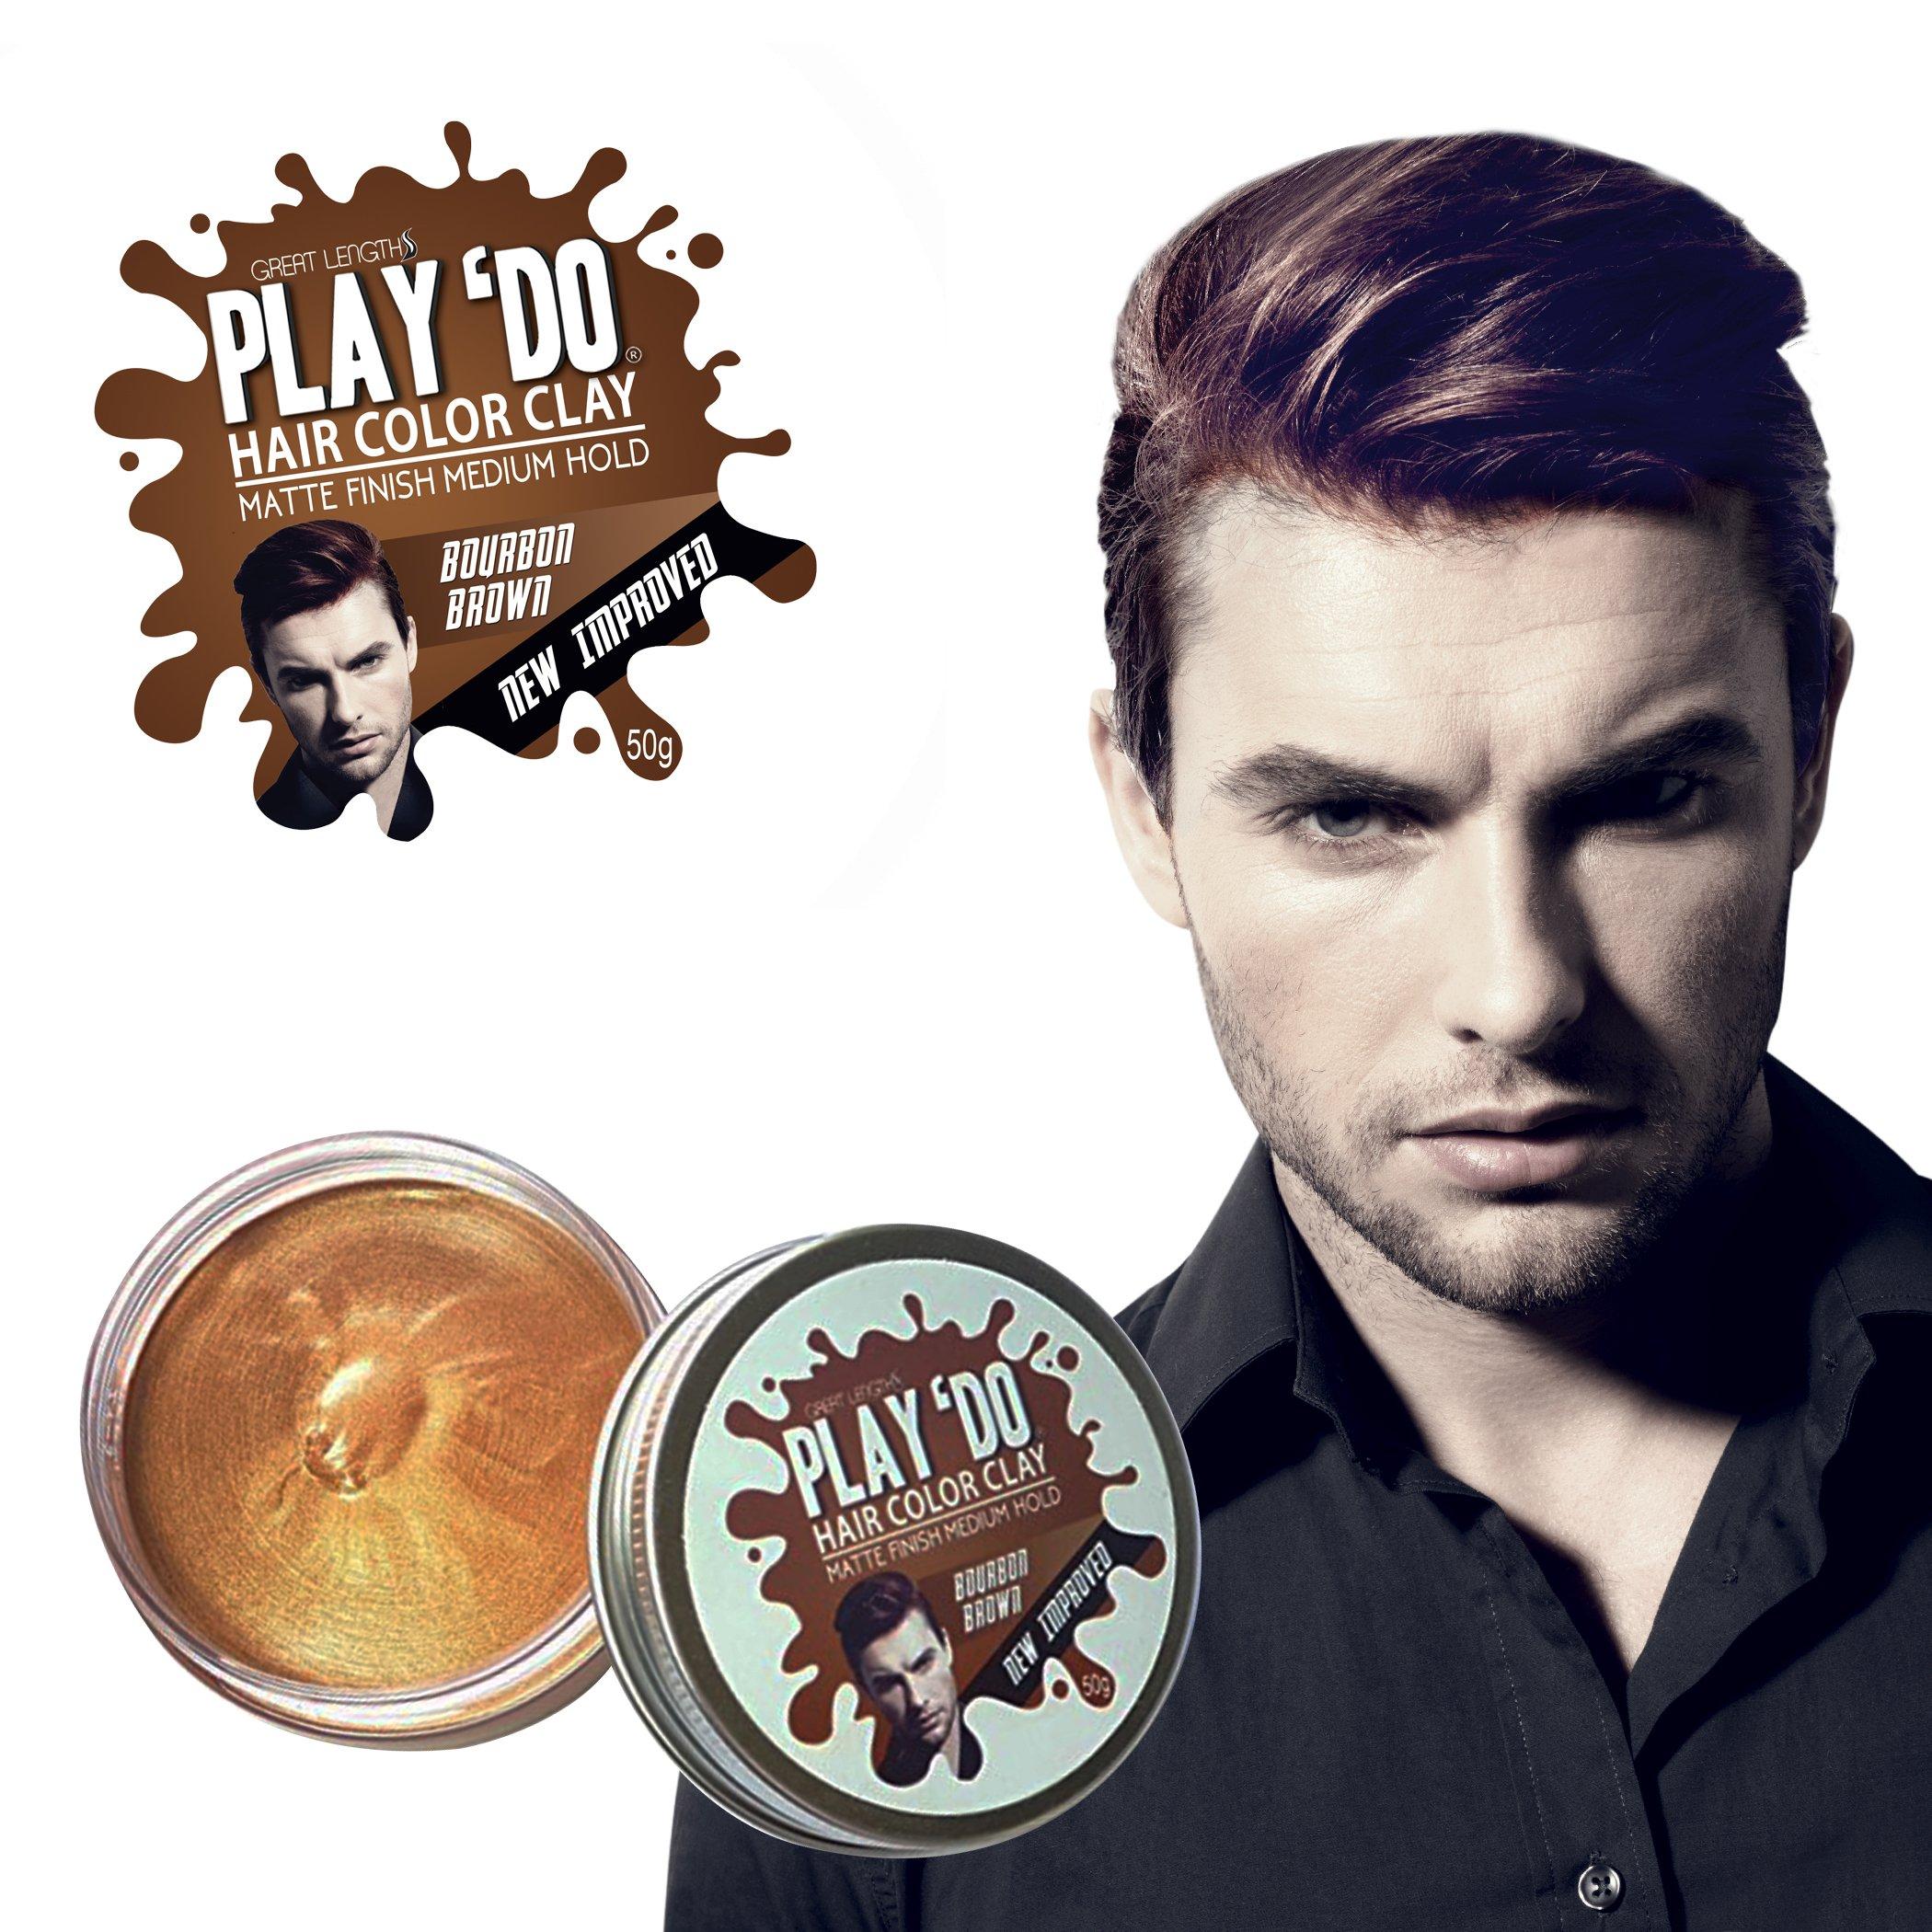 Play 'Do Temporary Hair Color, Hair Wax, Hair Clay, Mens Grooming, Brown hair dye(1.8 ounces) by Great Lengths